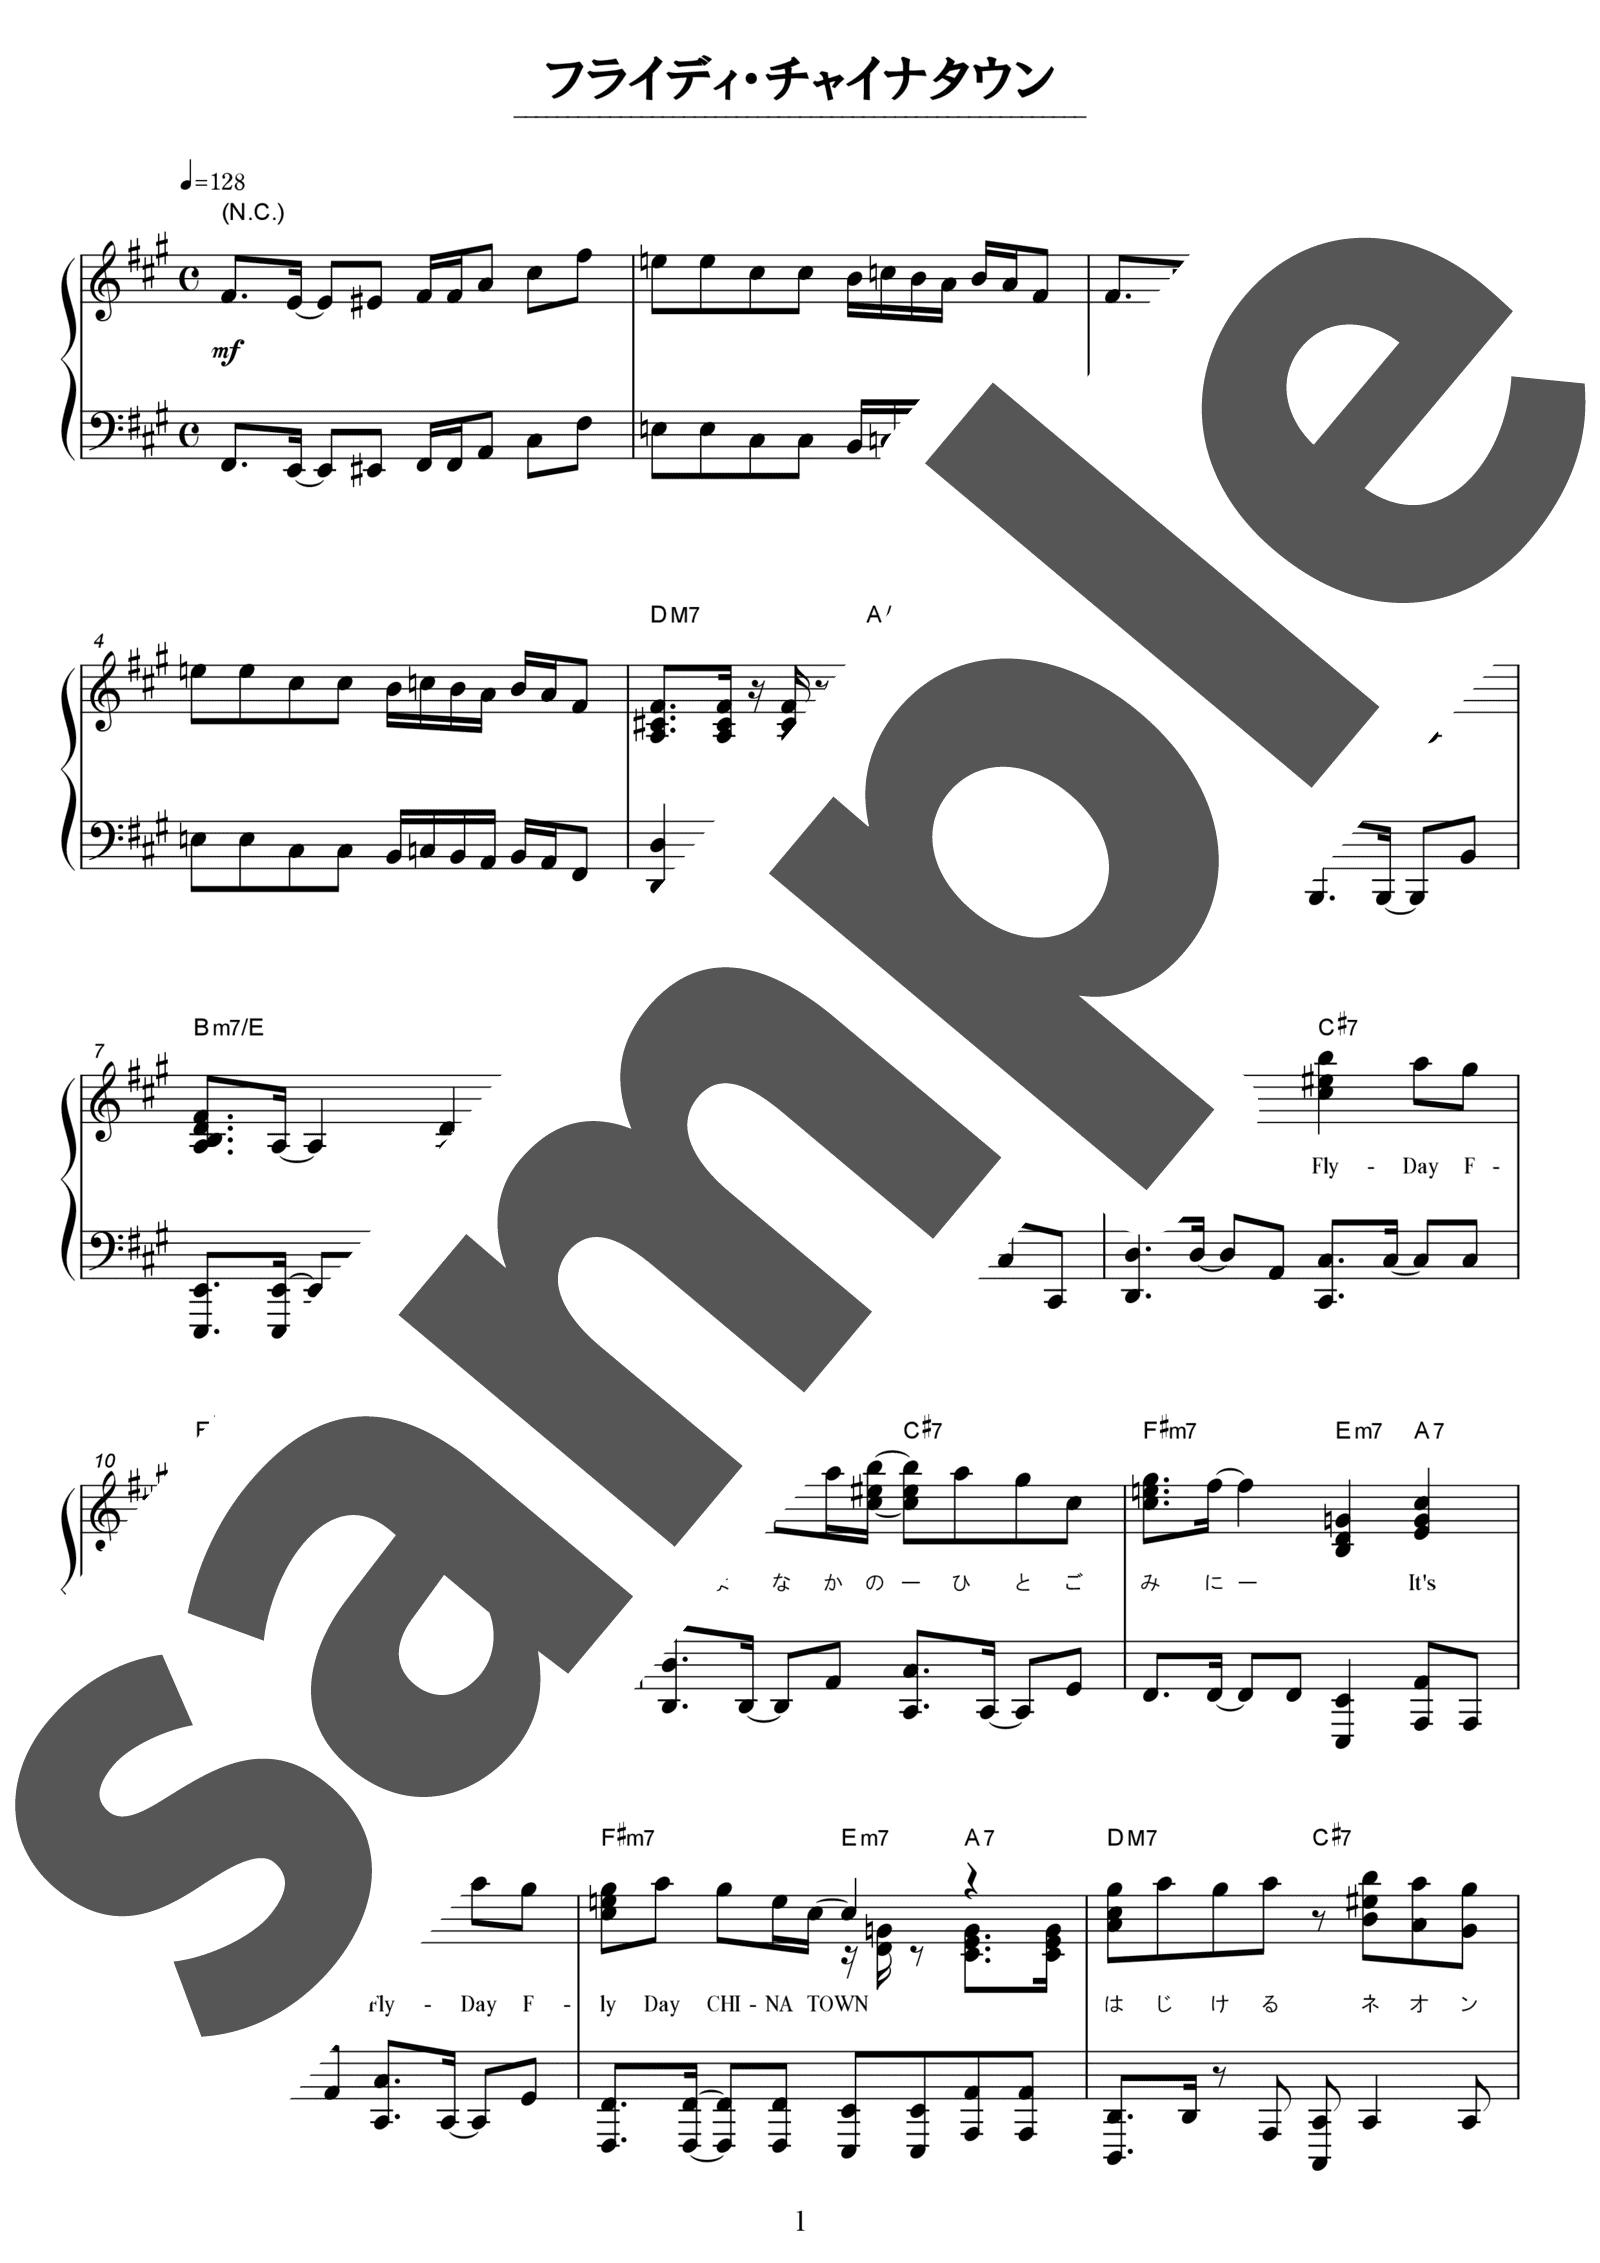 「フライディ・チャイナタウン」のサンプル楽譜